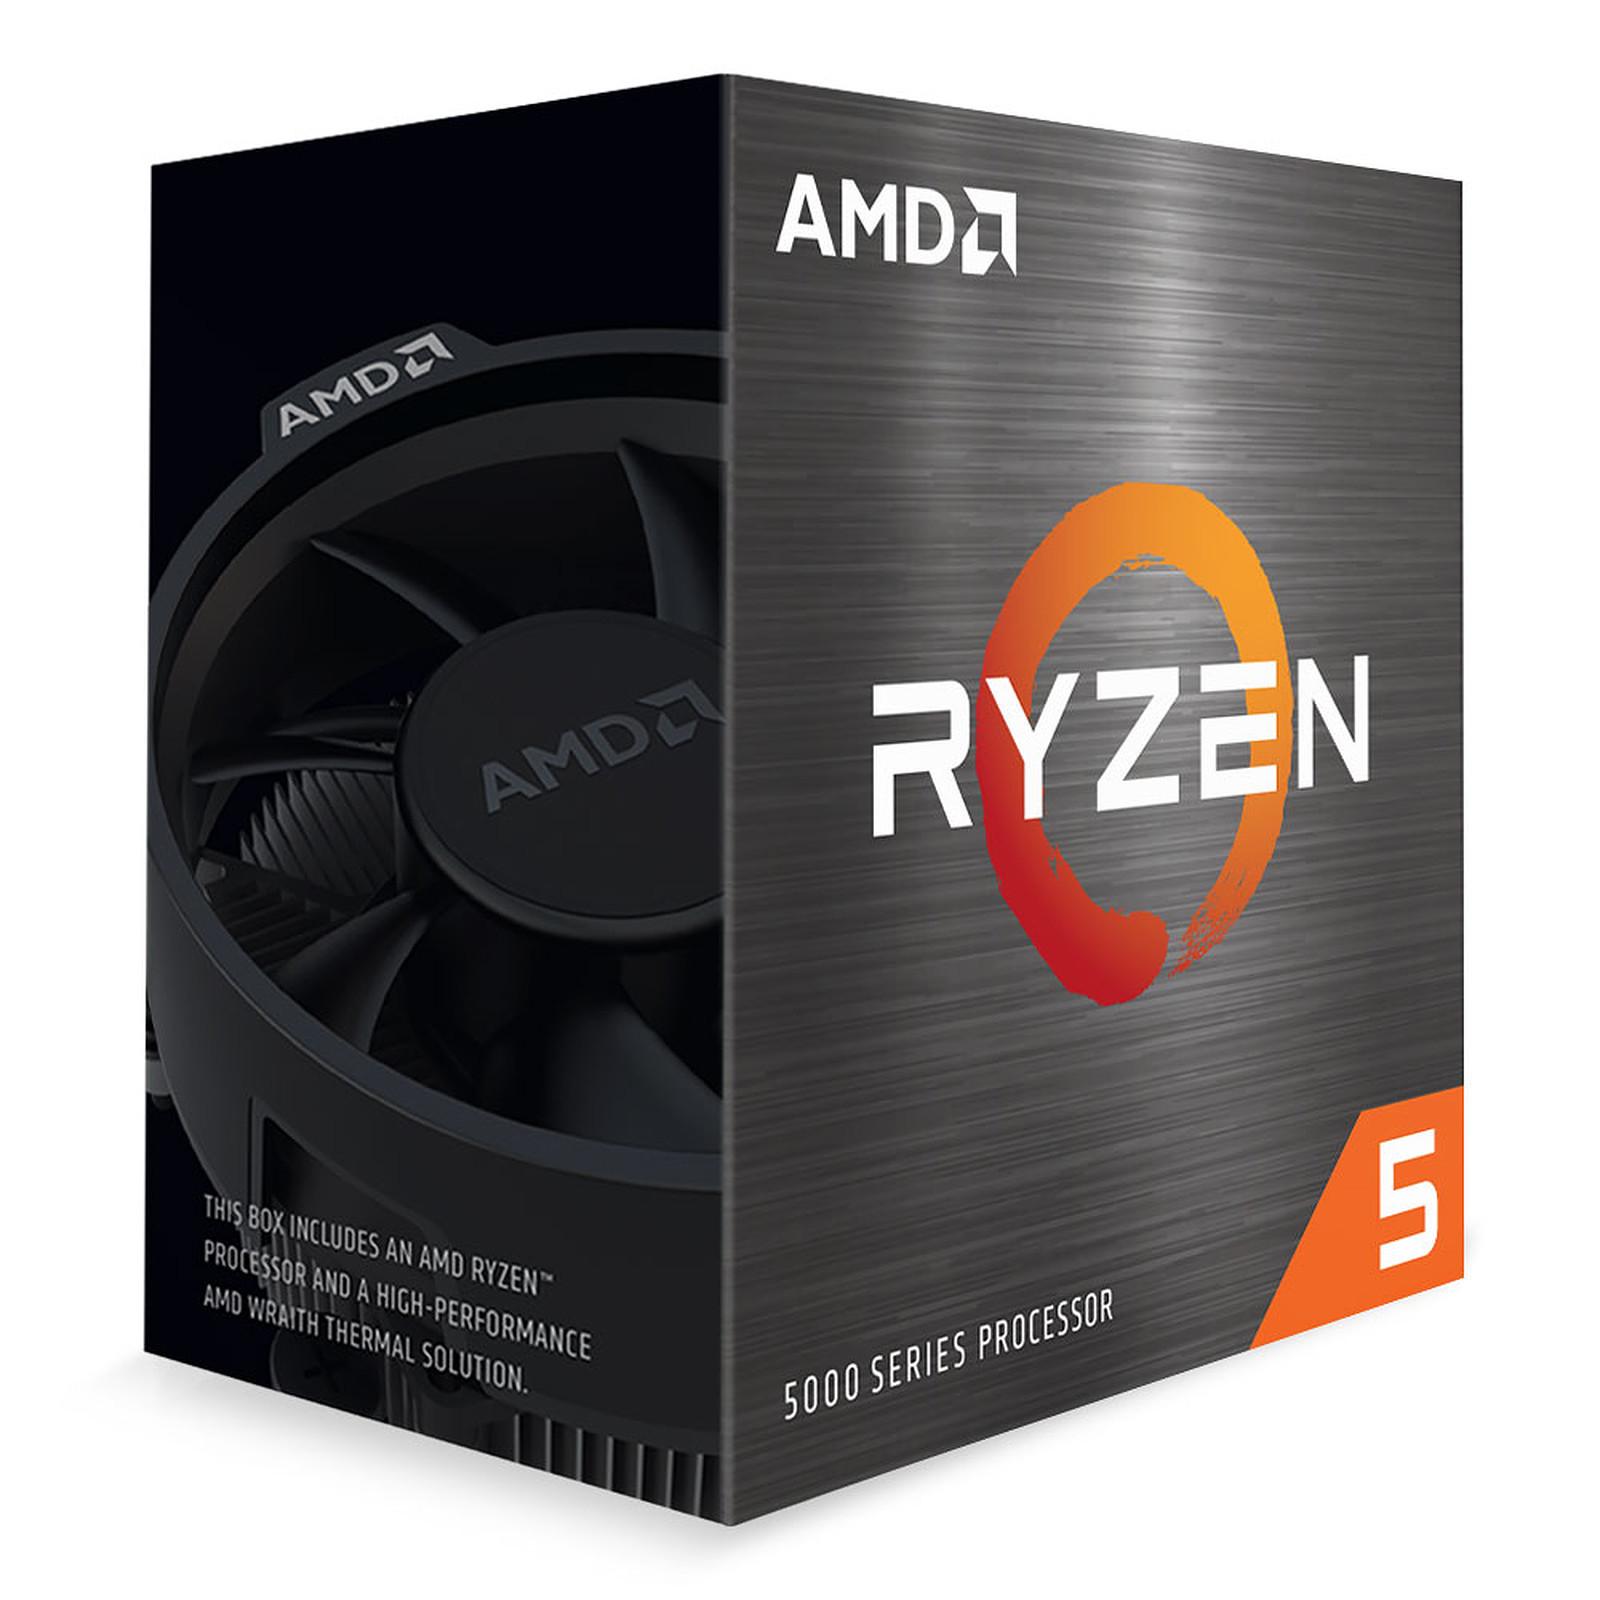 Processeur AMD 6 Cores/12 Threads Socket AM4 Ryzen 5 5600X 35 Mo (Boîte) avec radiateur (pad thermique inclu) PCIe 4.0, informatique ile de la Réunion, informatique-reunion.com